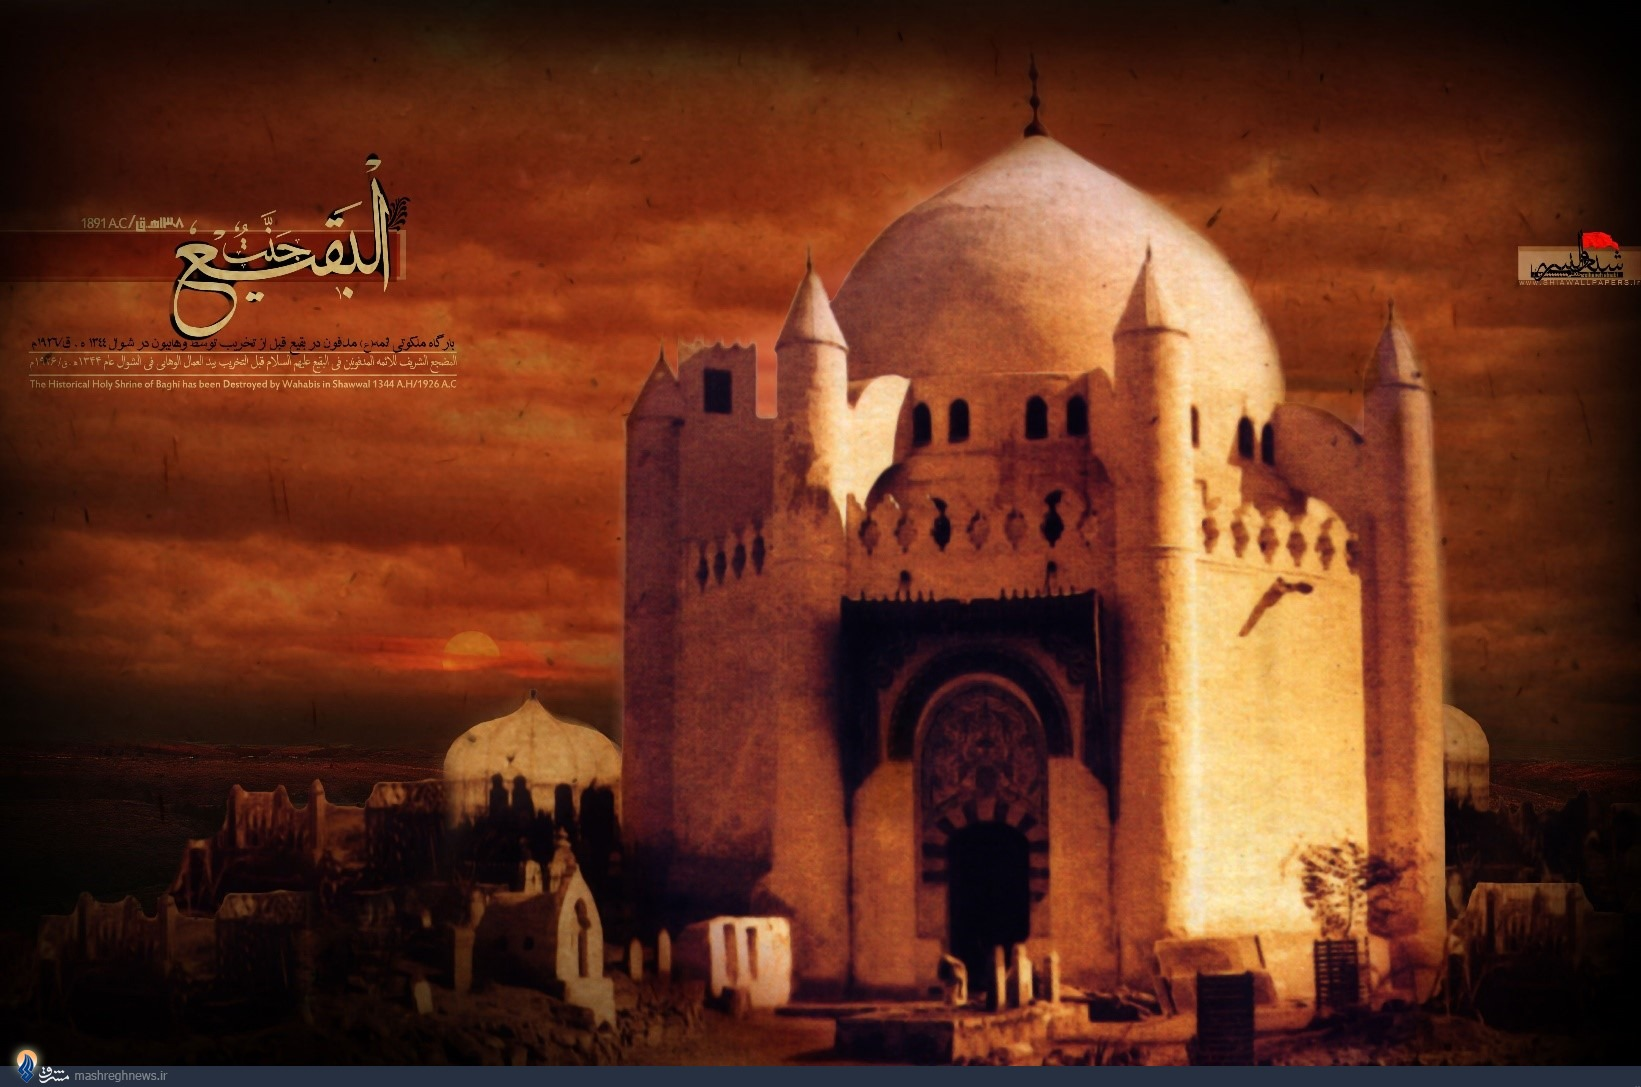 قبرستان بقيع قبل از تخريب توسط وهابيون